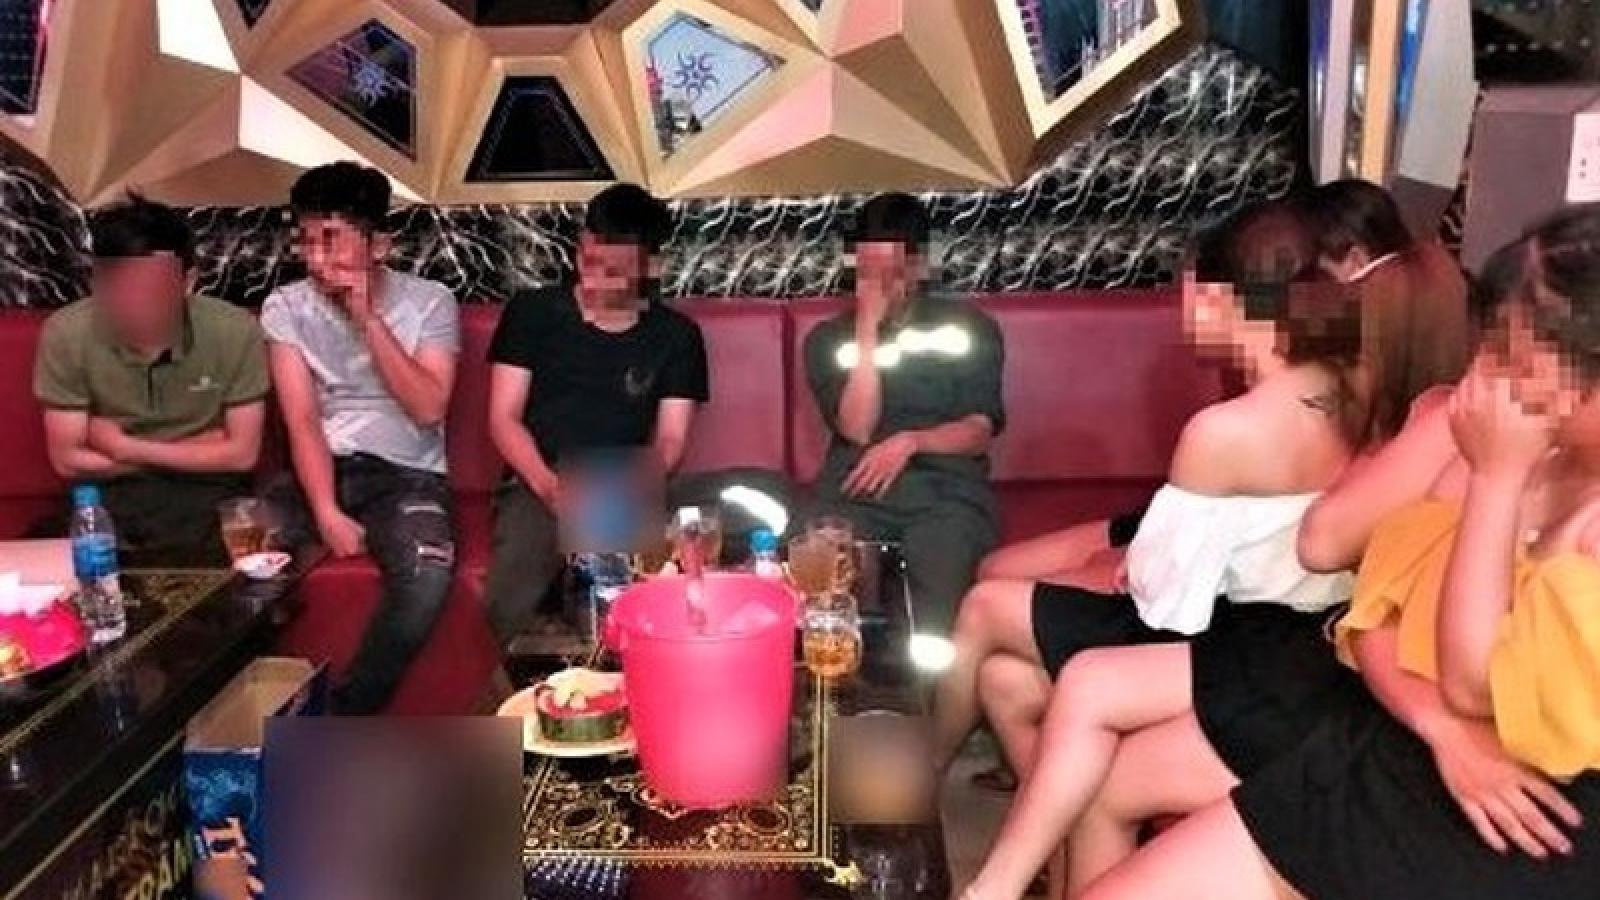 Quảng Ngãi: Quán karaoke vẫn hoạt động bất chấp lệnh cấm